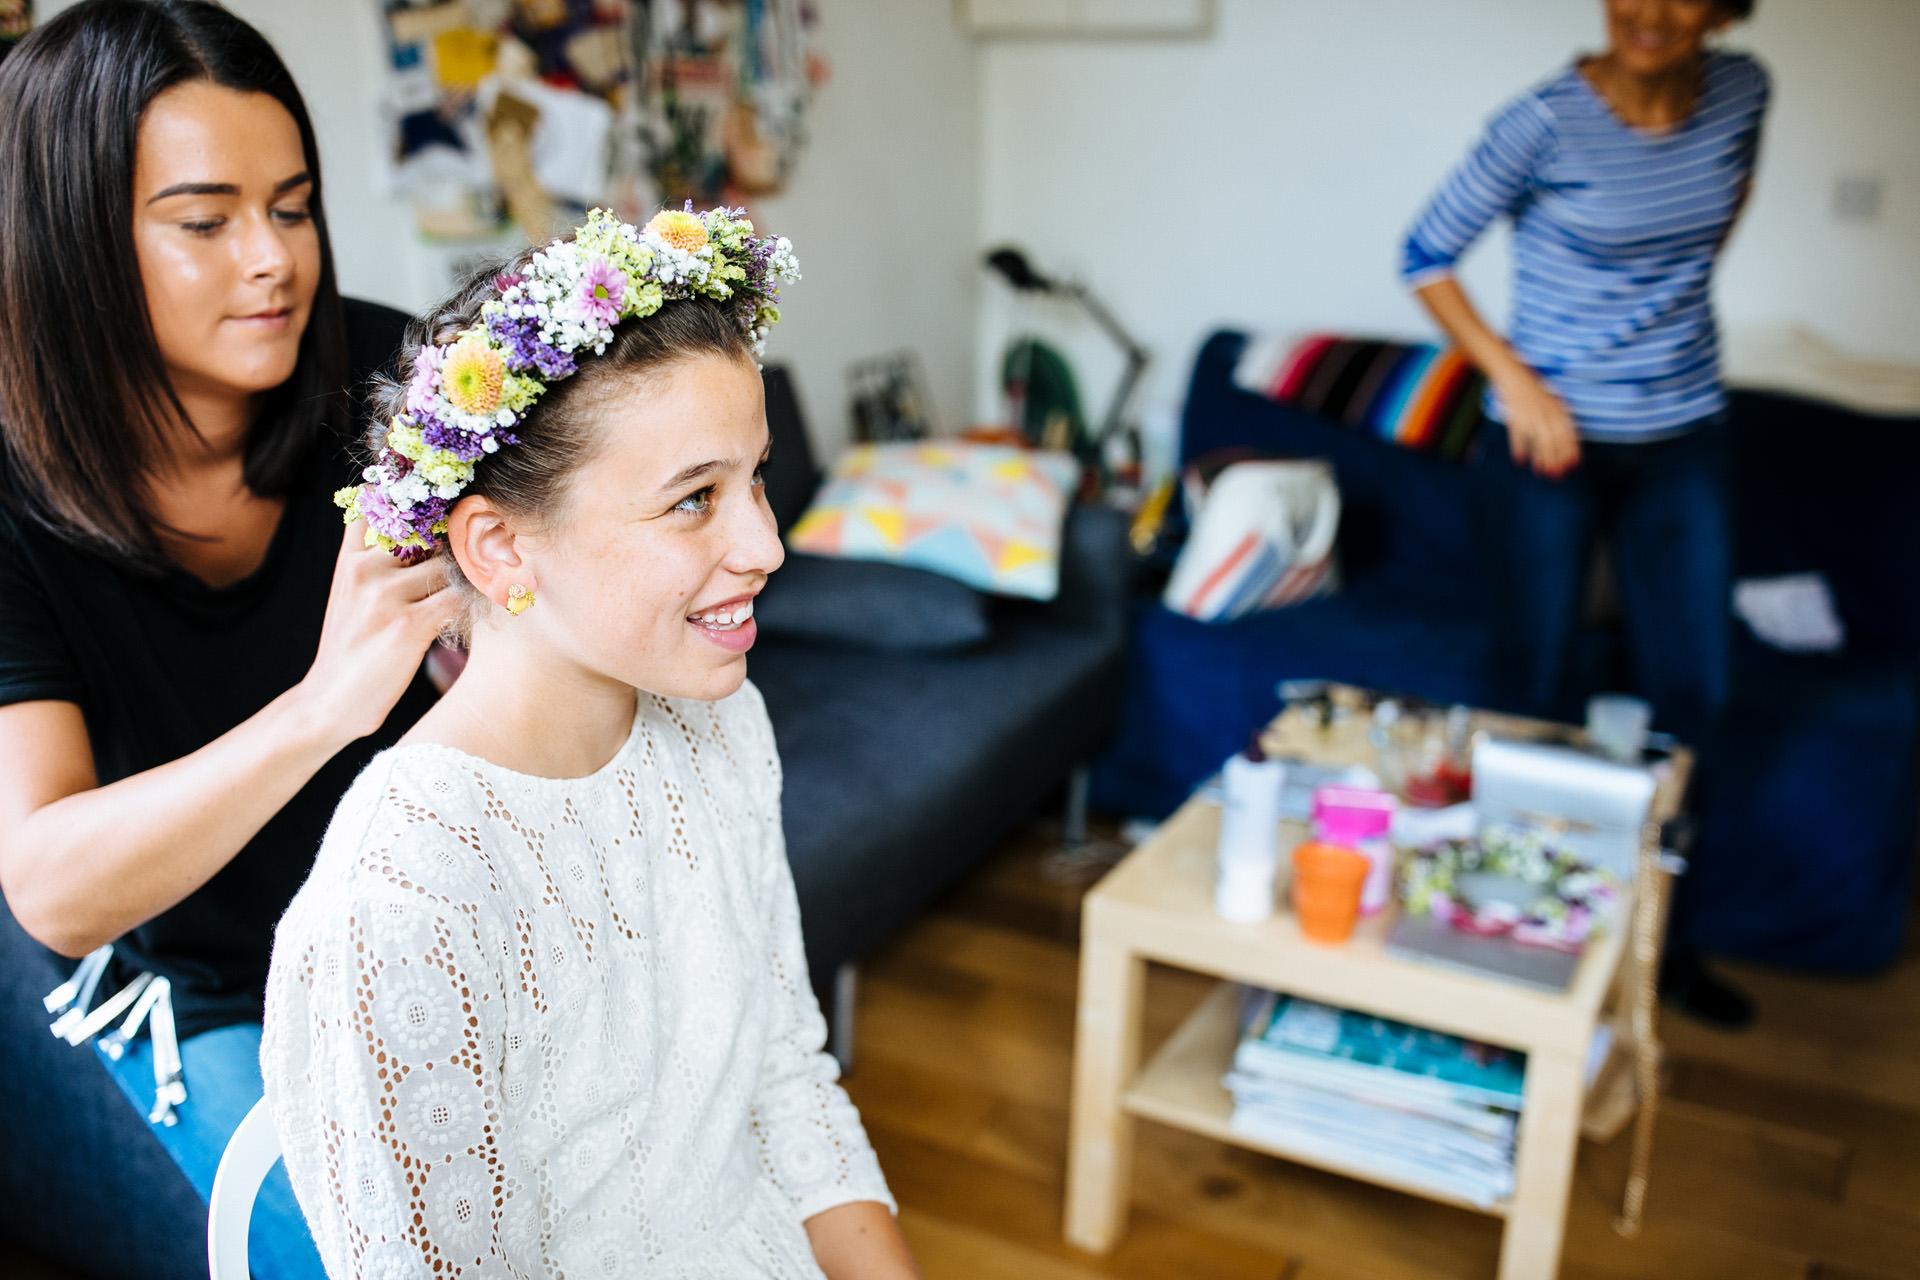 flower girl having flower crown put on